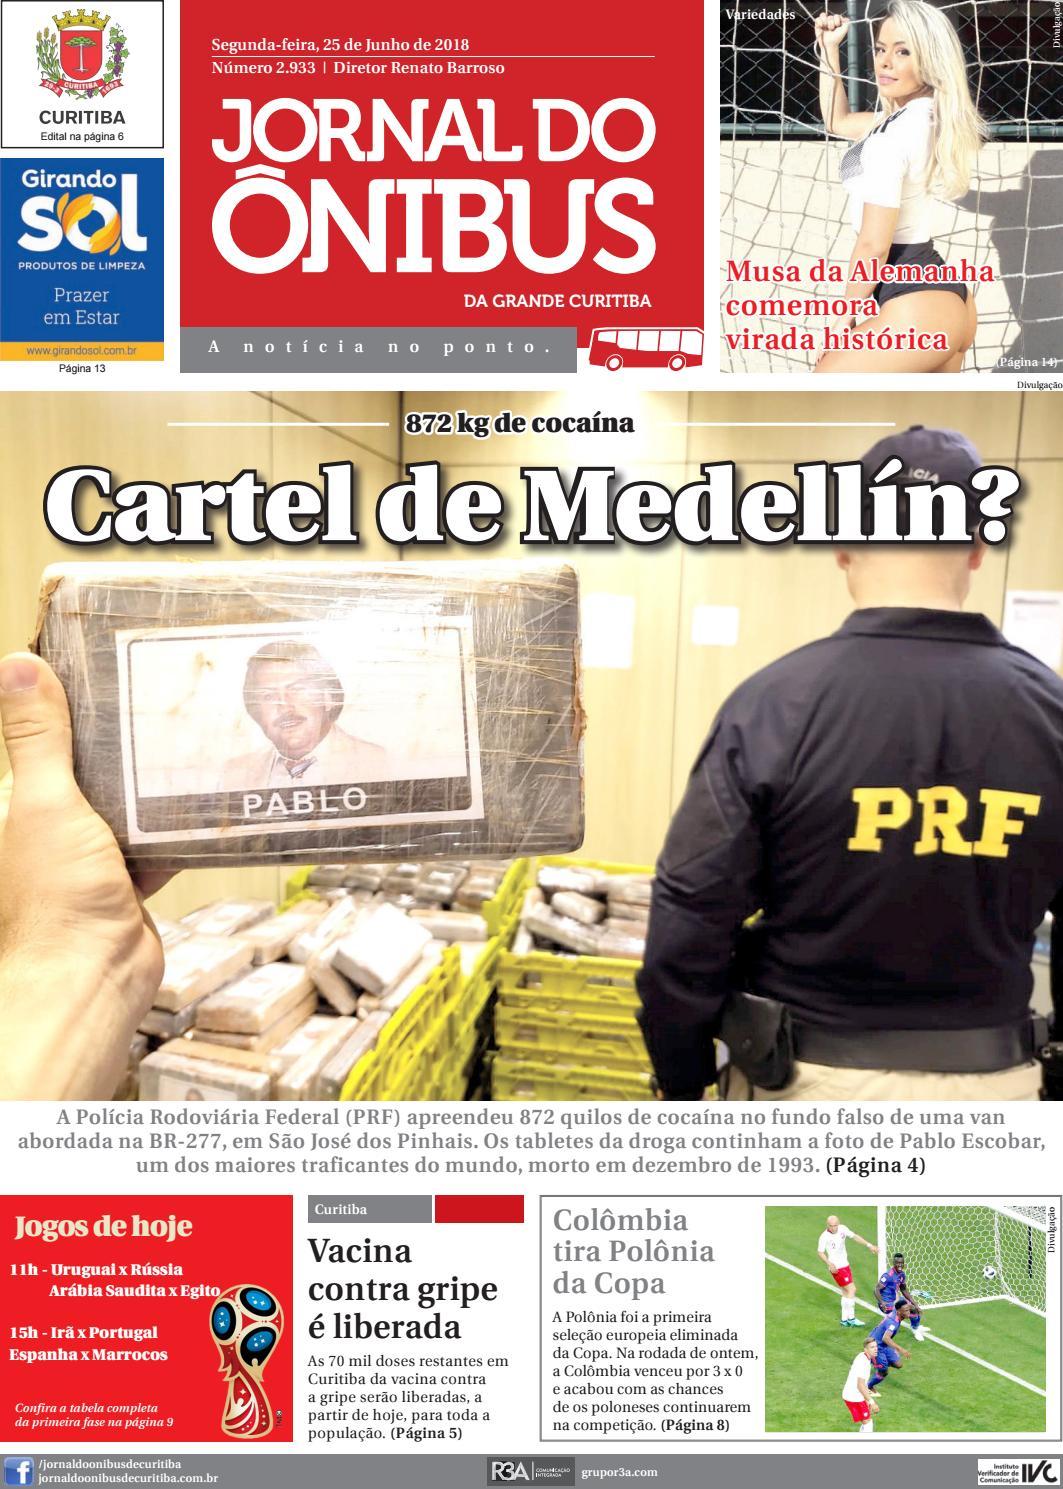 Jornal do Ônibus de Curitiba - 26 06 18 by Editora Correio Paranaense -  issuu 69767e5a63975